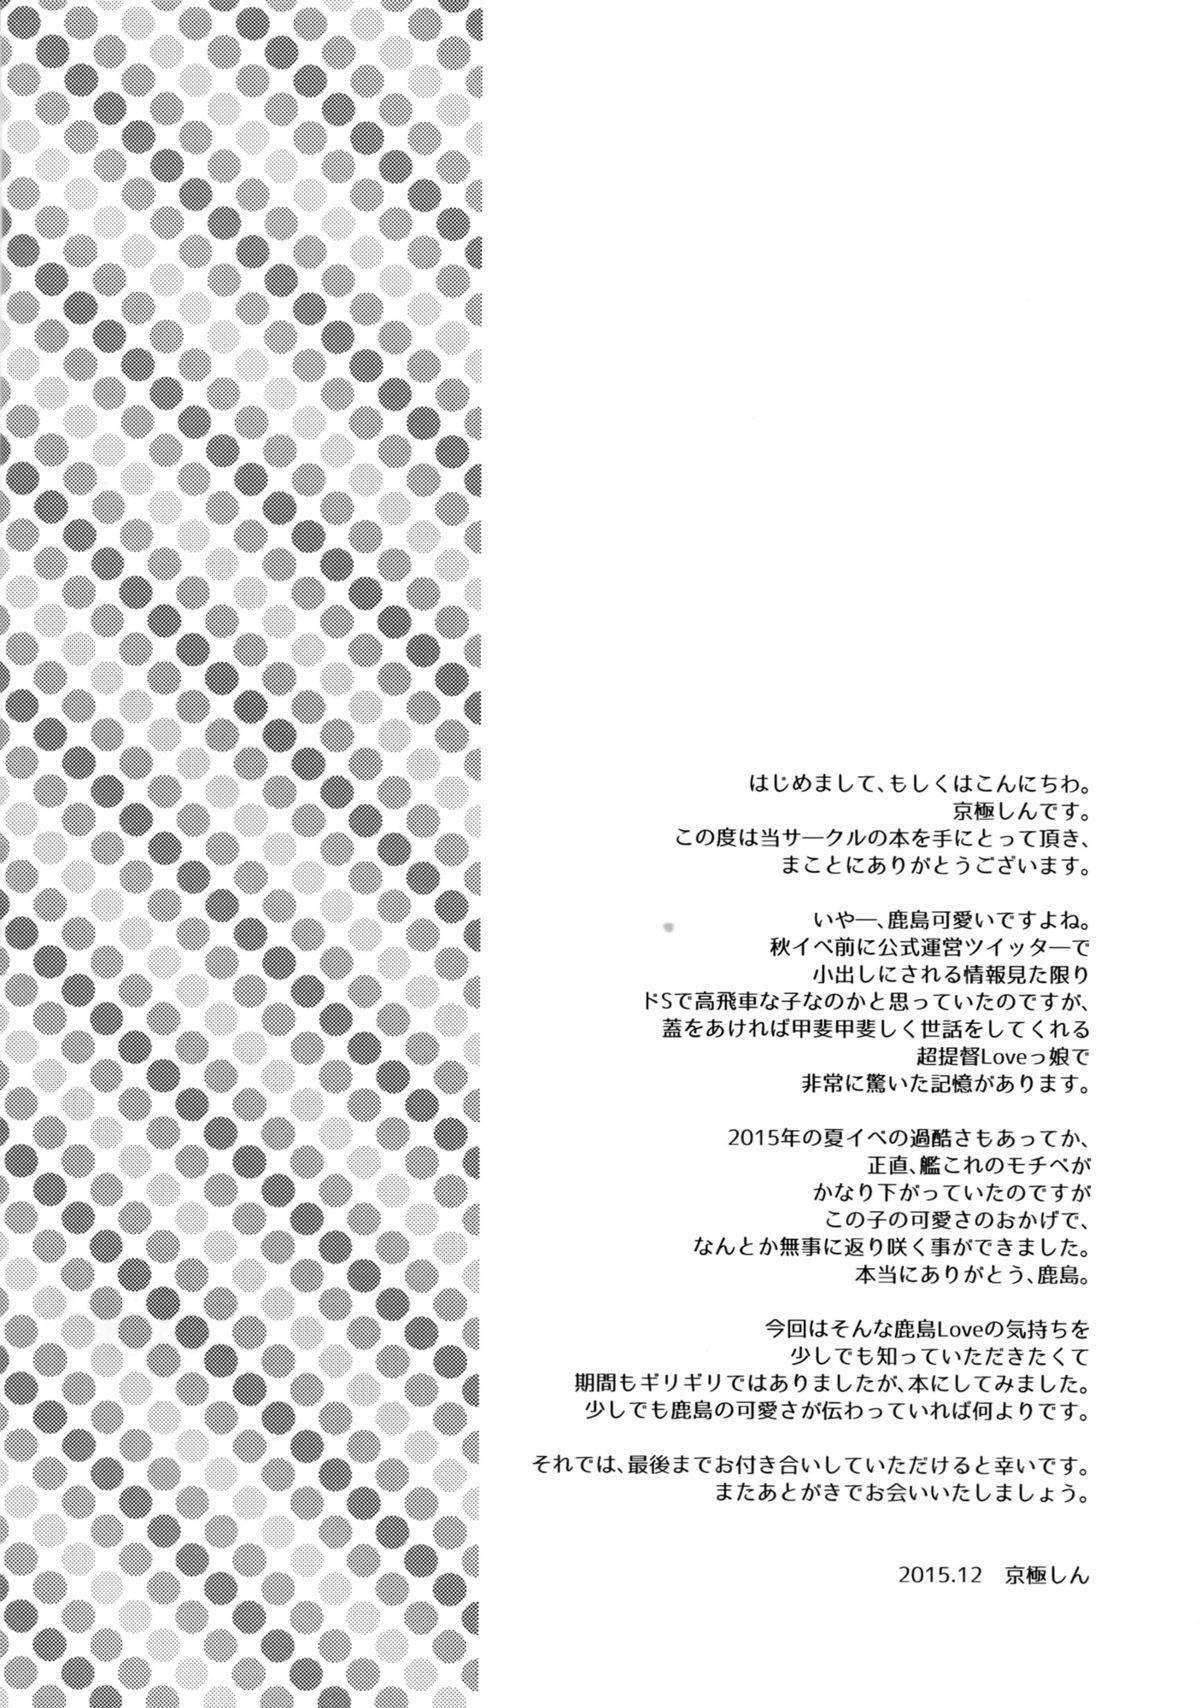 (C89) [INFINITY DRIVE (Kyougoku Shin)] Watashi, Teitoku-san no Oyome-san desu kara♪ (Kantai Collection -KanColle-) [English] 2